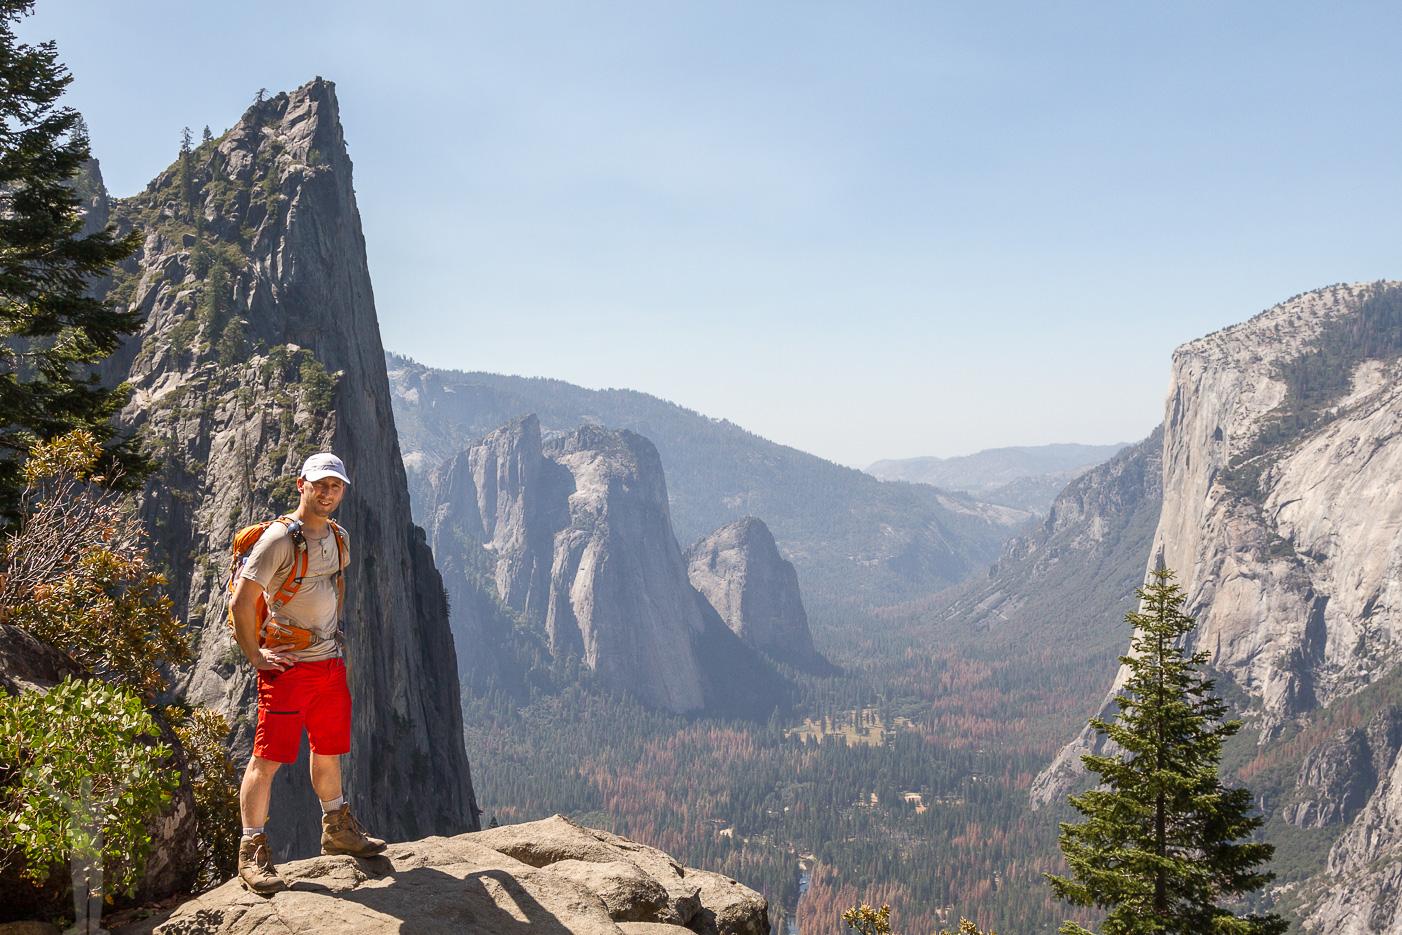 Dryden i Yosemite